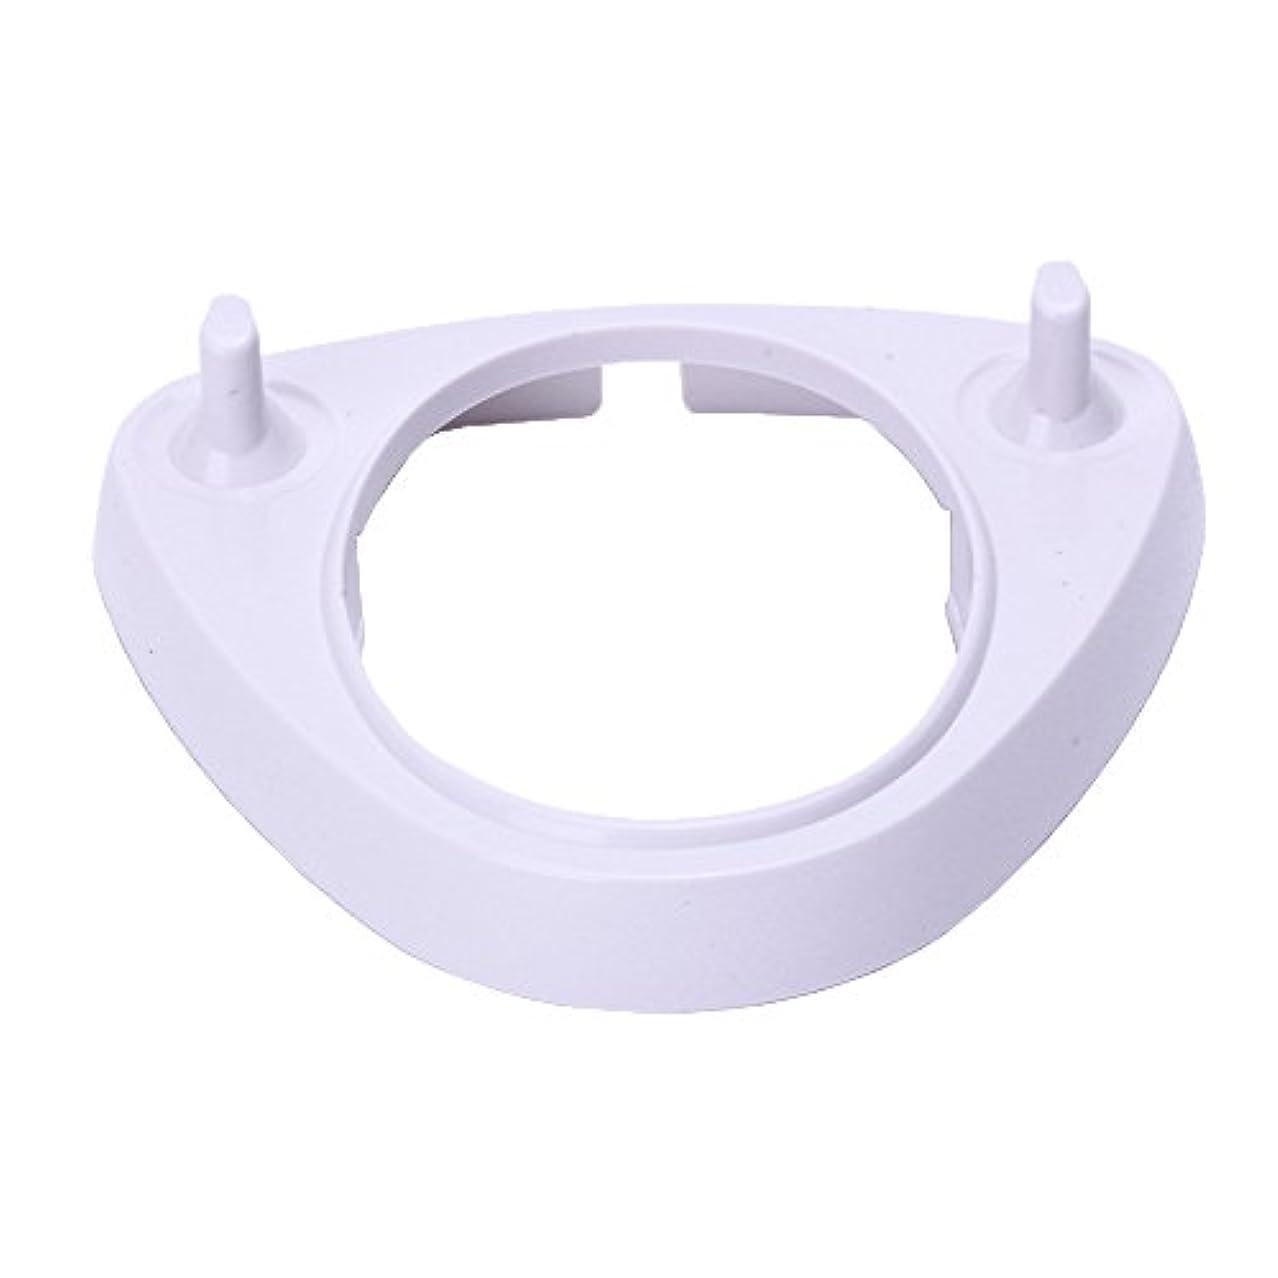 広告主ラグ鼻白いハードプラスチックスタンド for ブラウンオーラルB電動歯ブラシ充電器 by Kadior